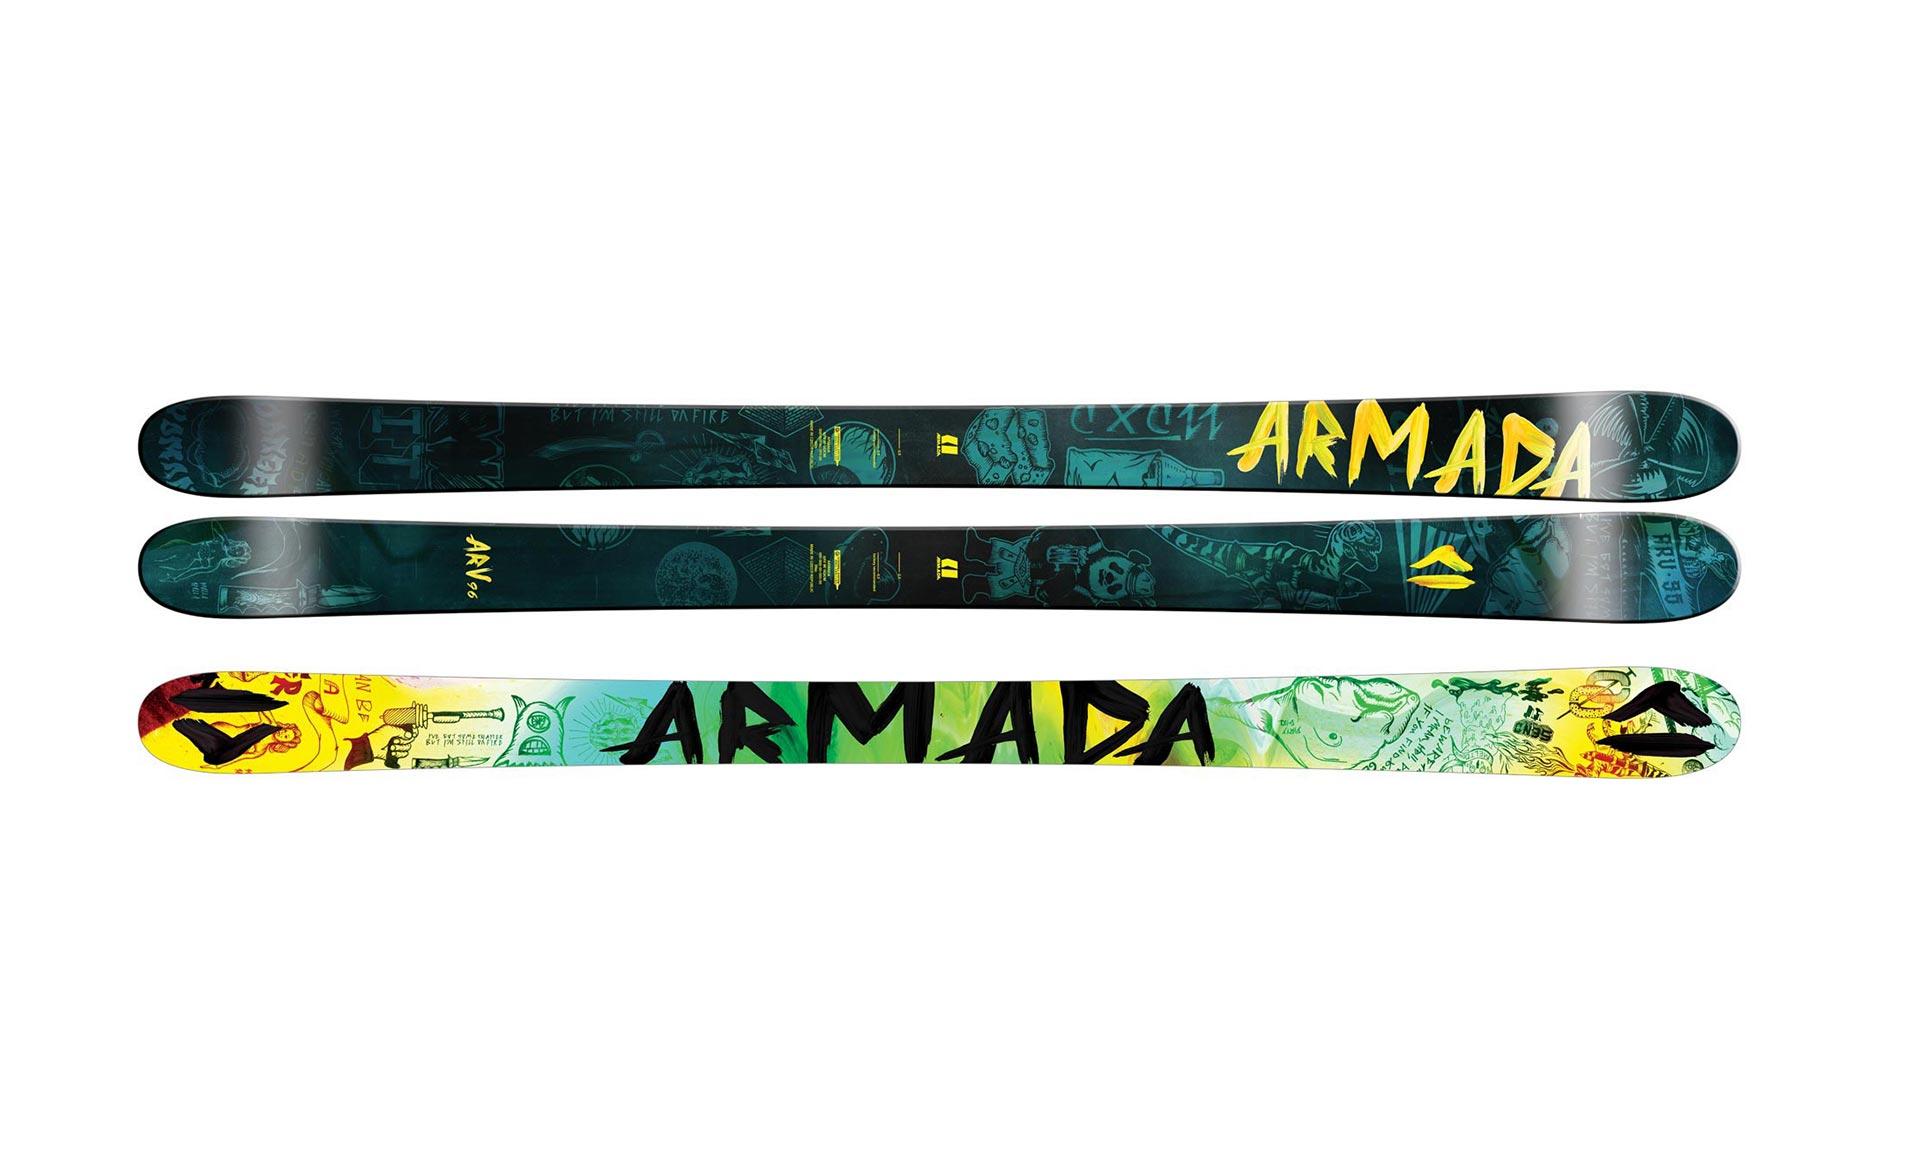 Armada: ARV 96